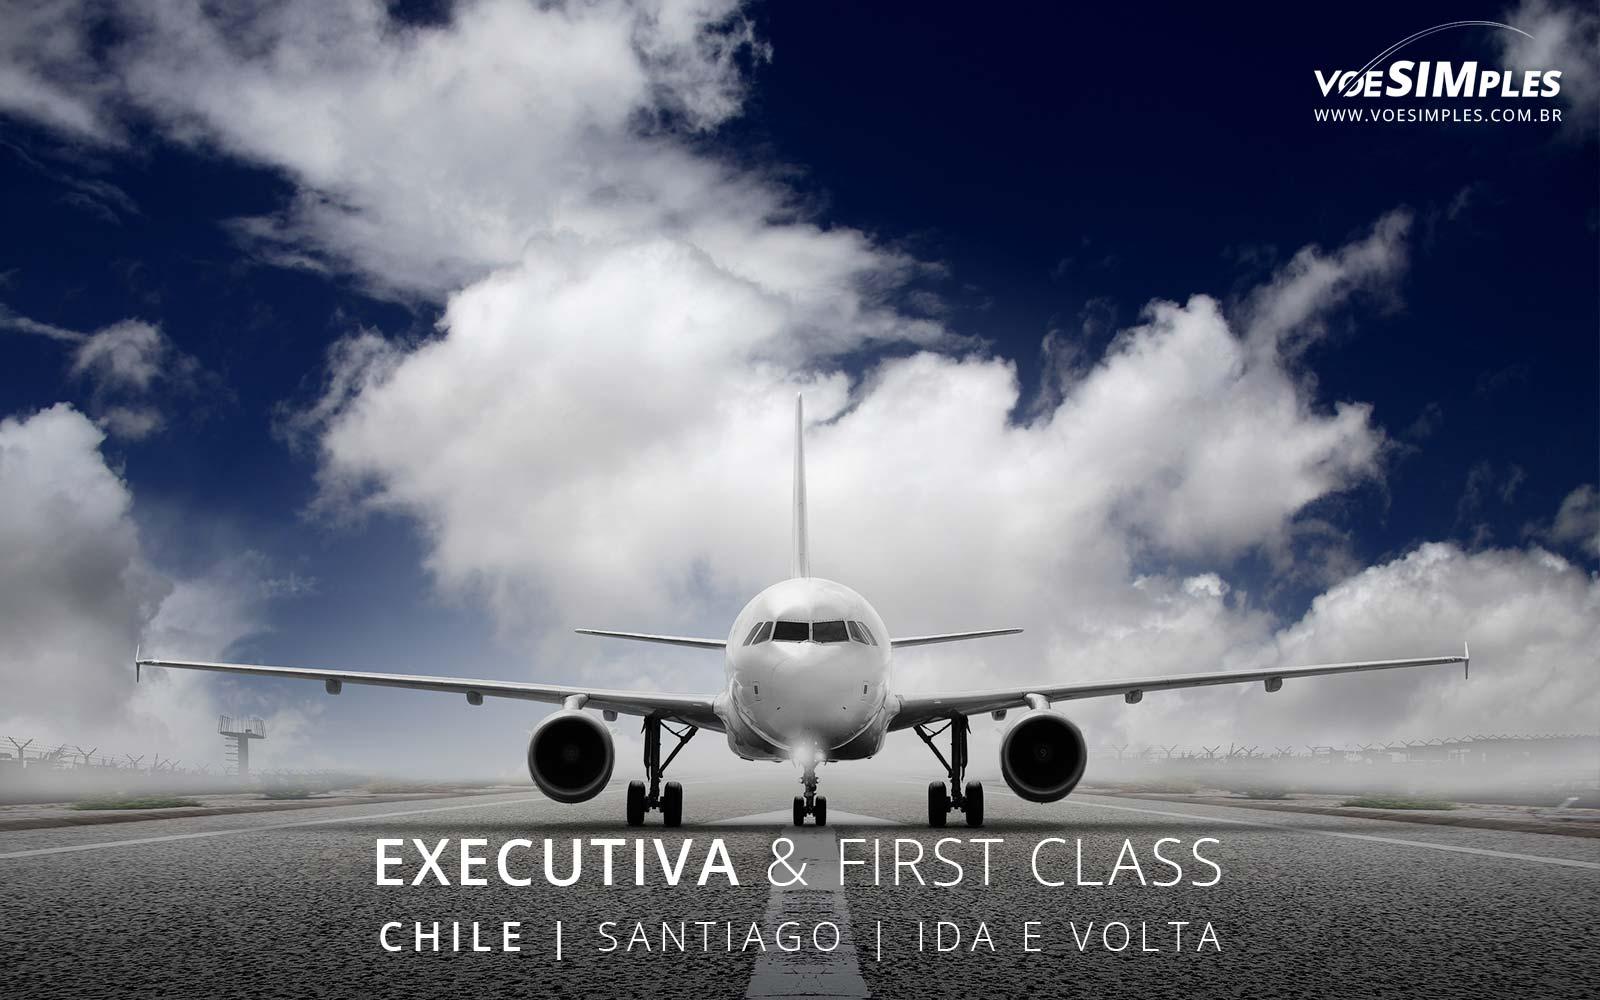 Passagem aérea Latam premium economy